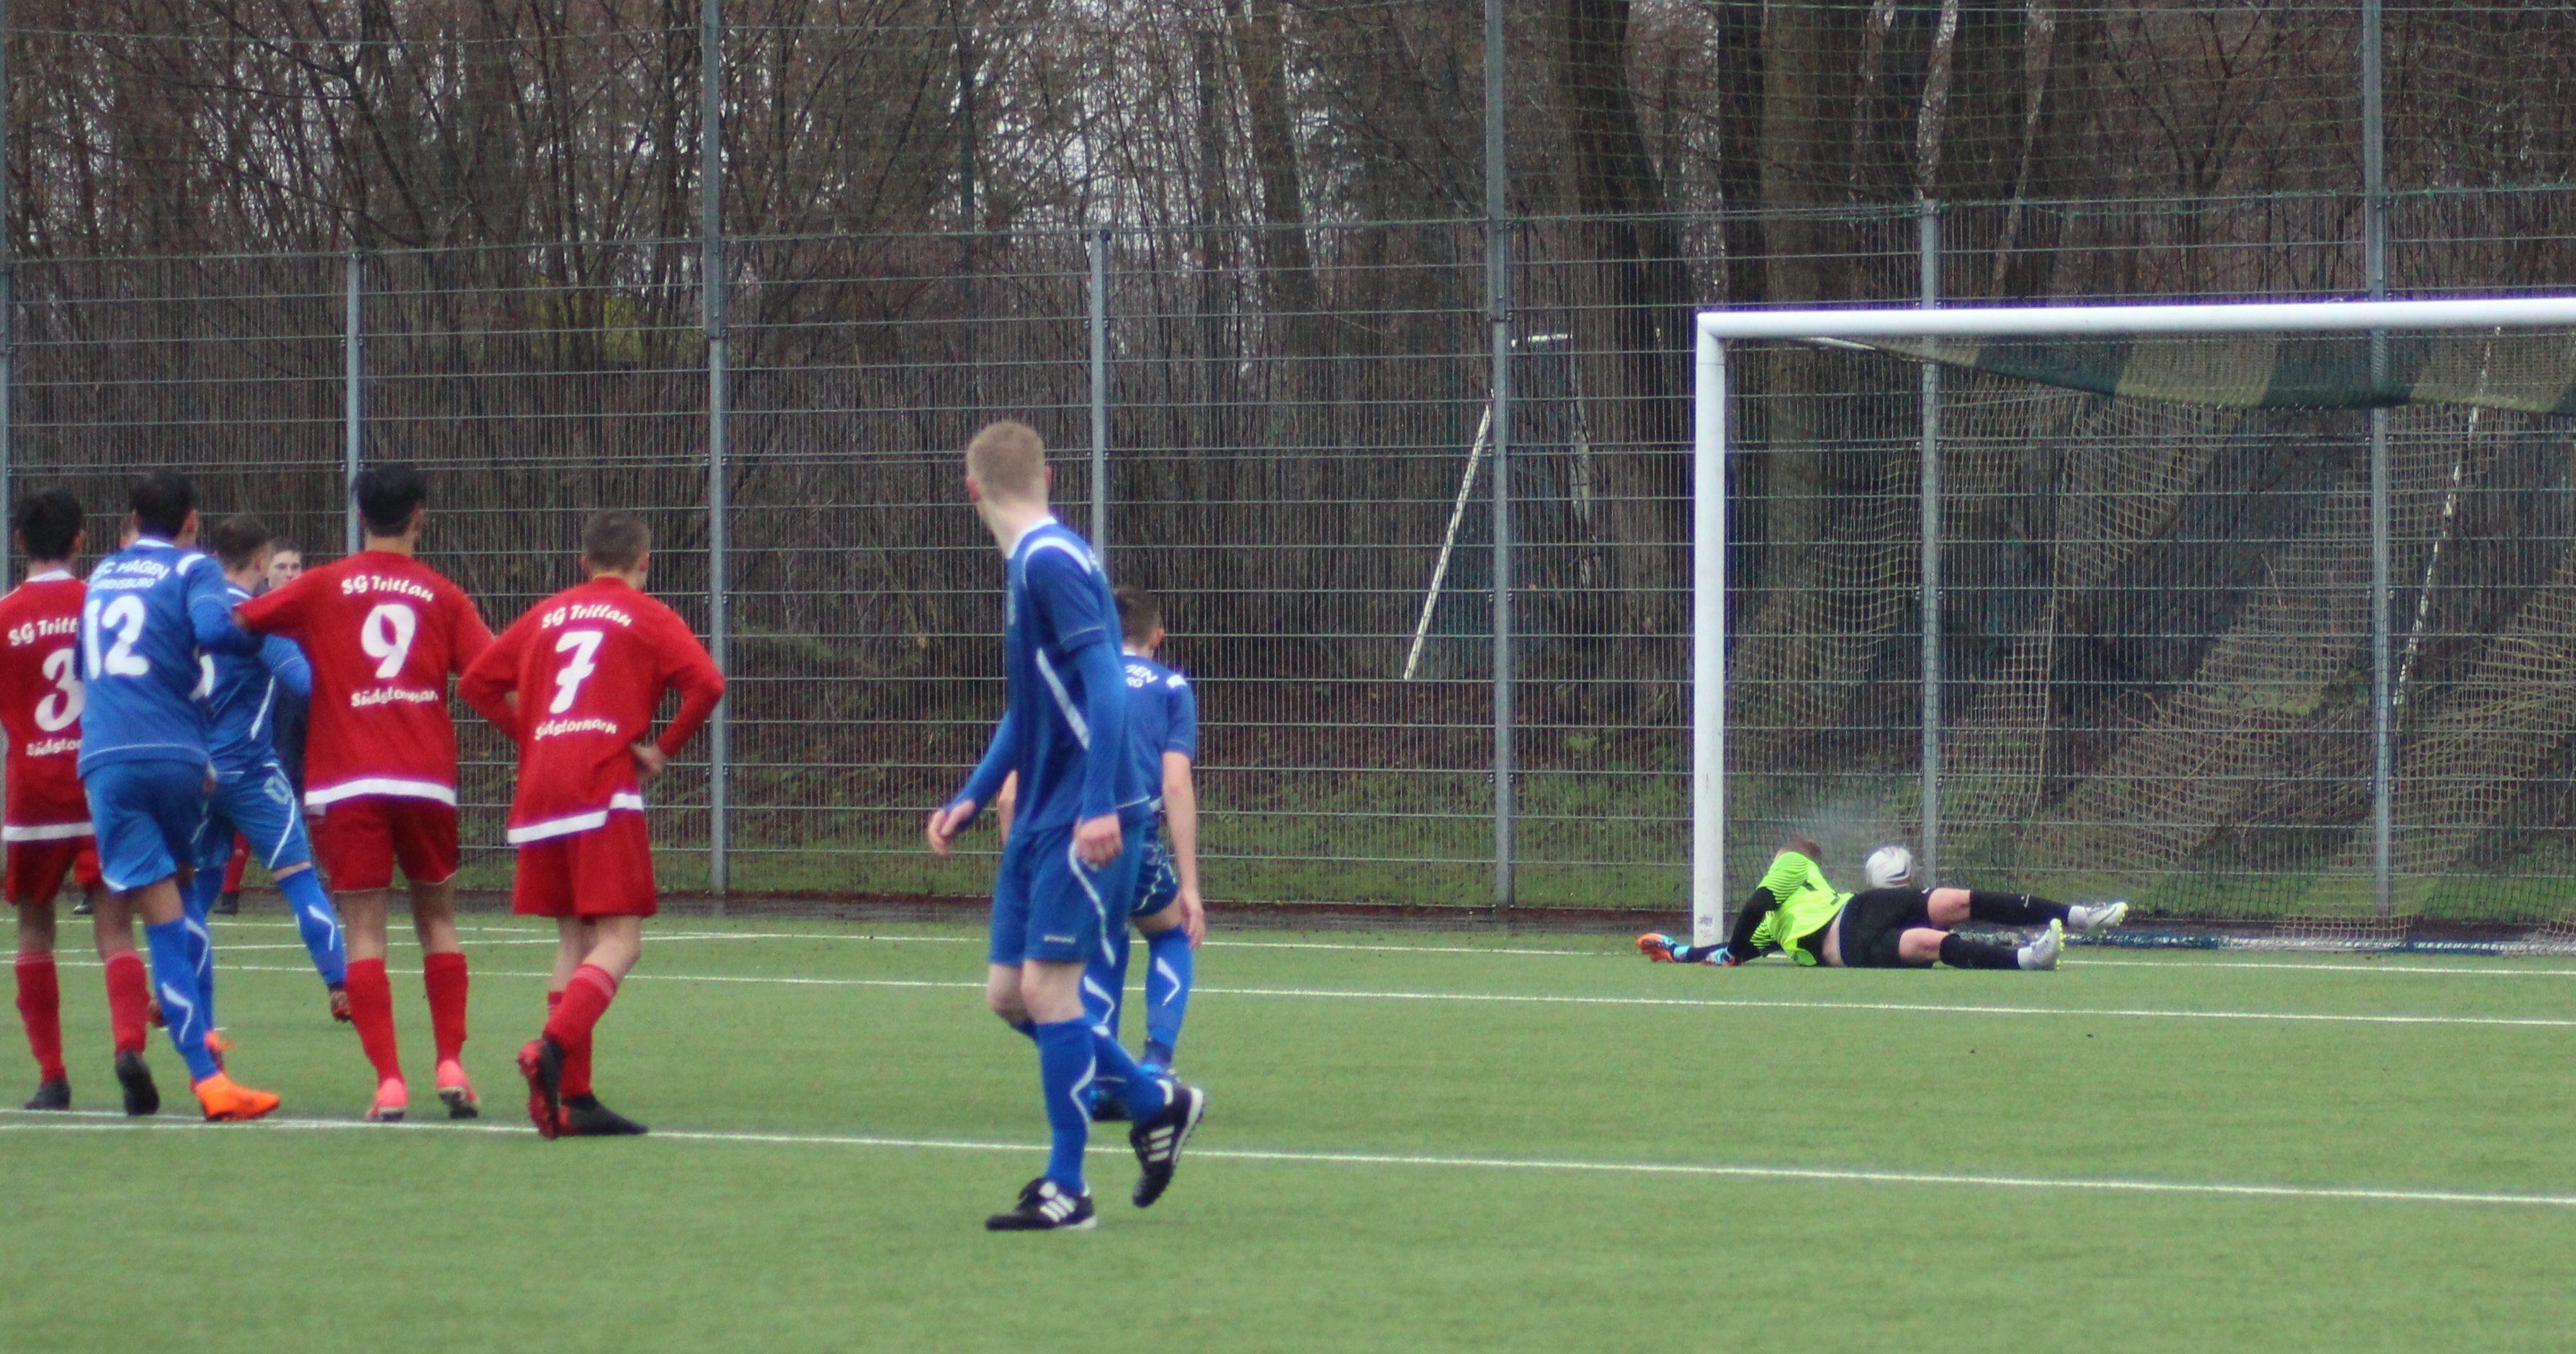 U17 erkämpft Punkt beim SSC Hagen